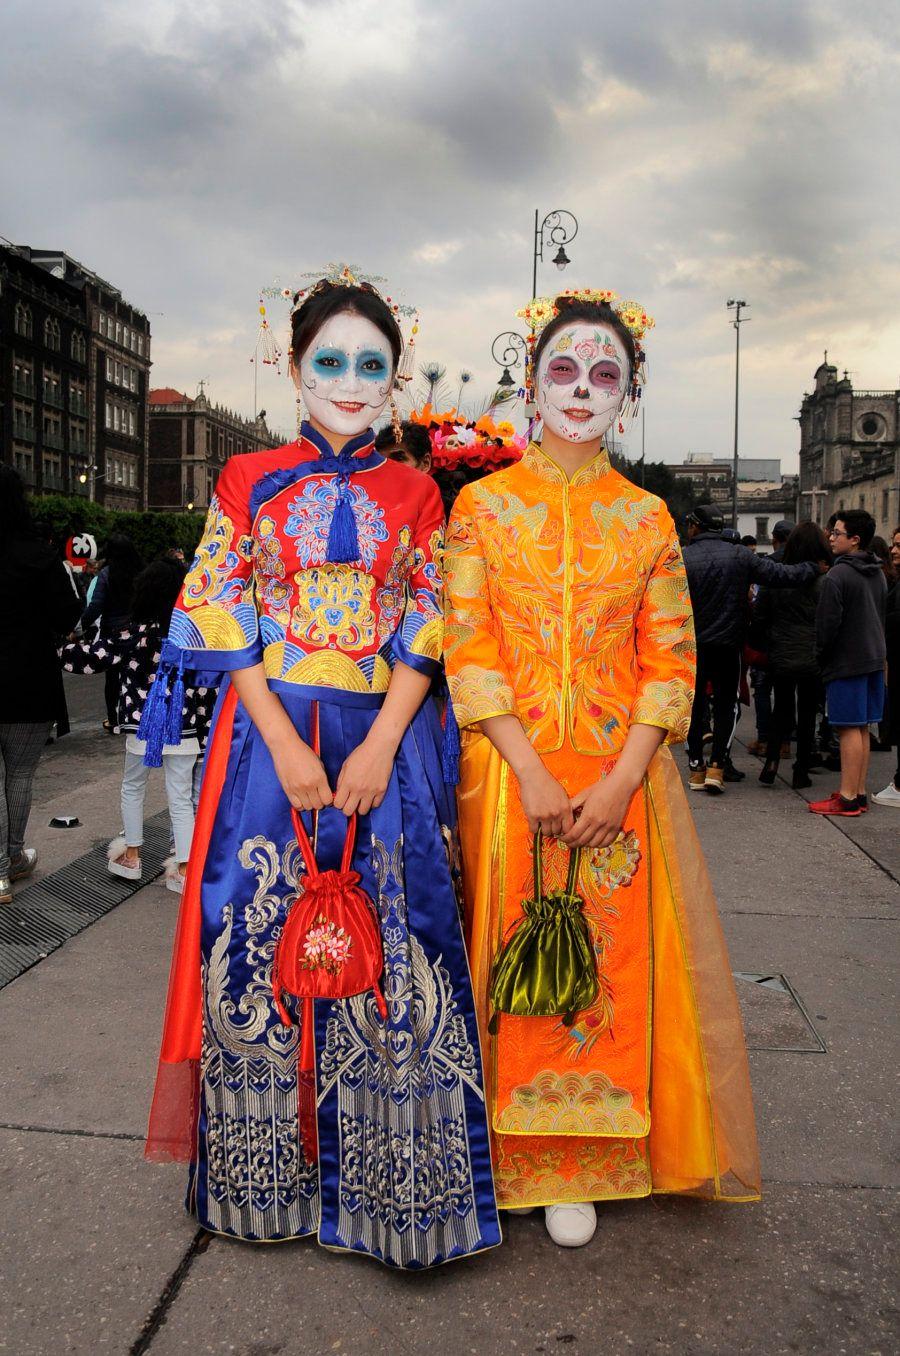 Flores na cabeça e pinturas corporais fazem parte da tradição do Dia dos